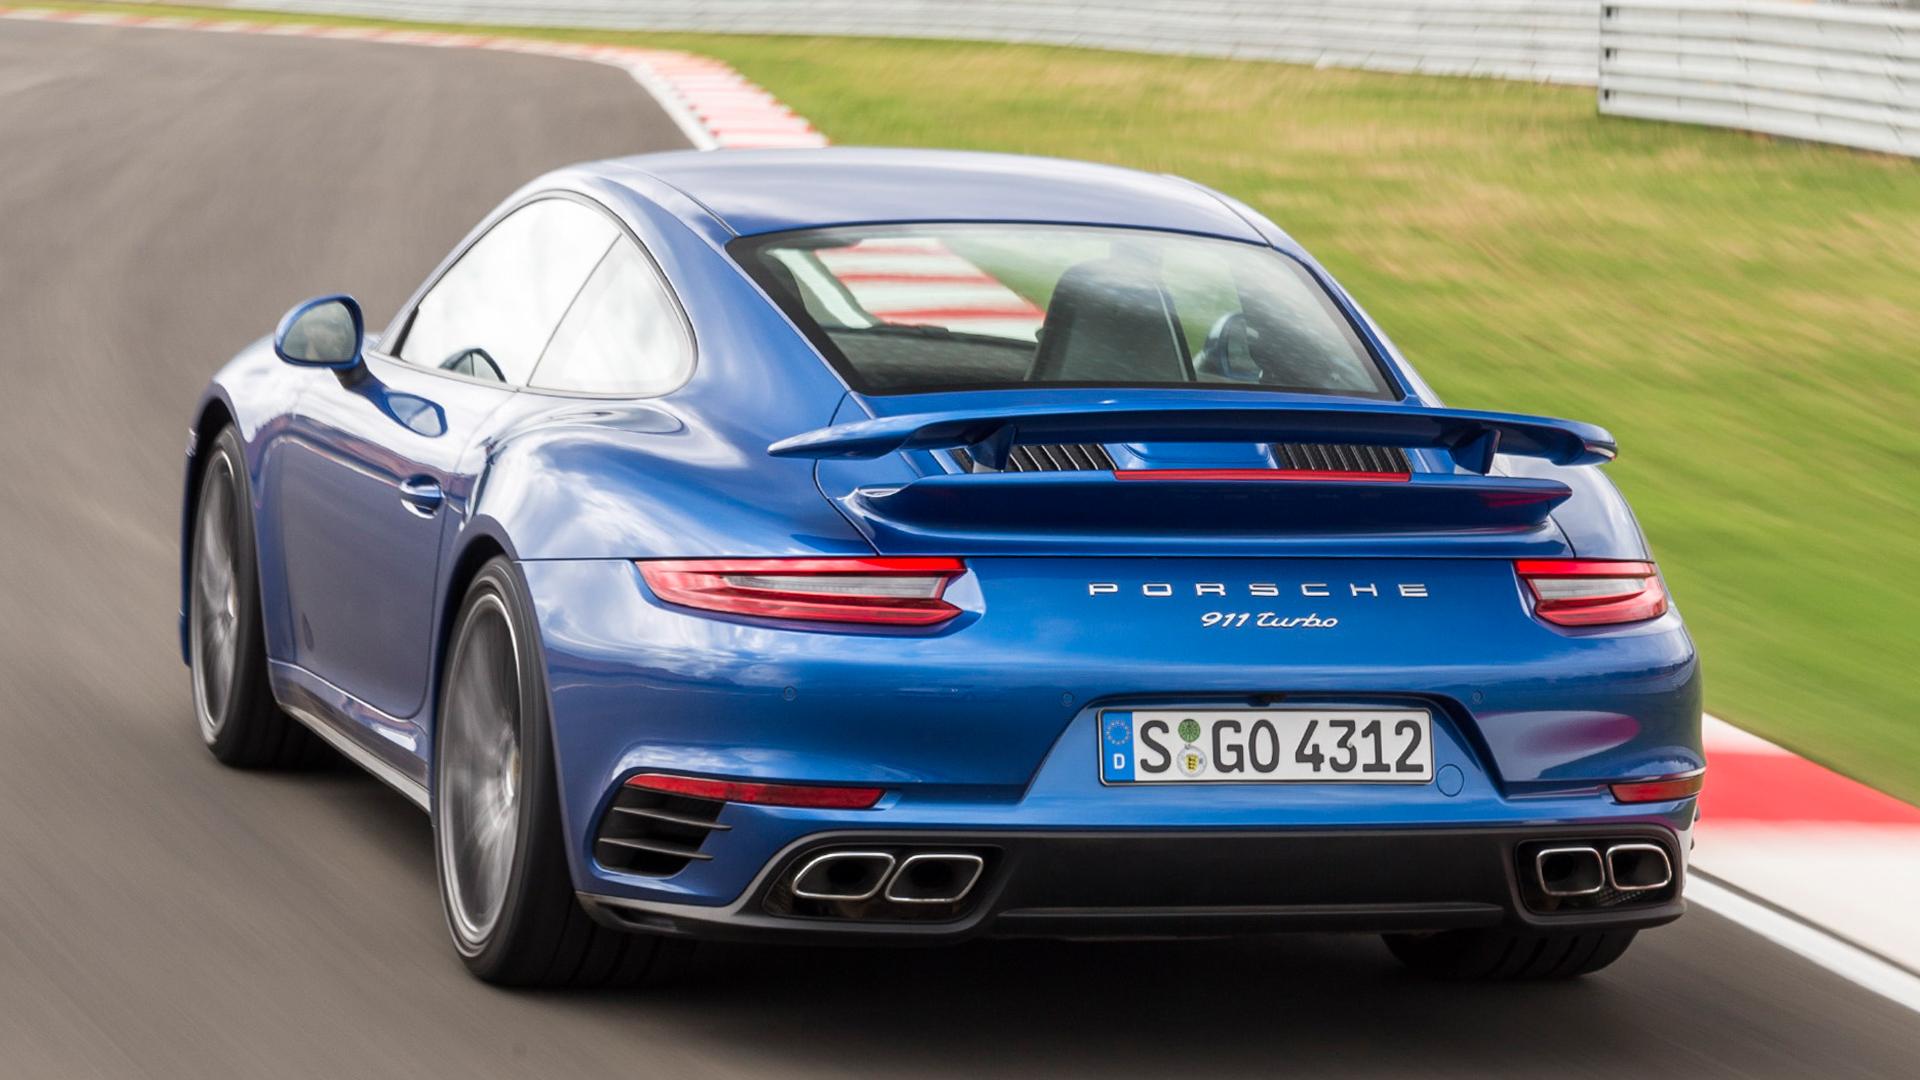 Porsche 911 Turbo 4 of 5